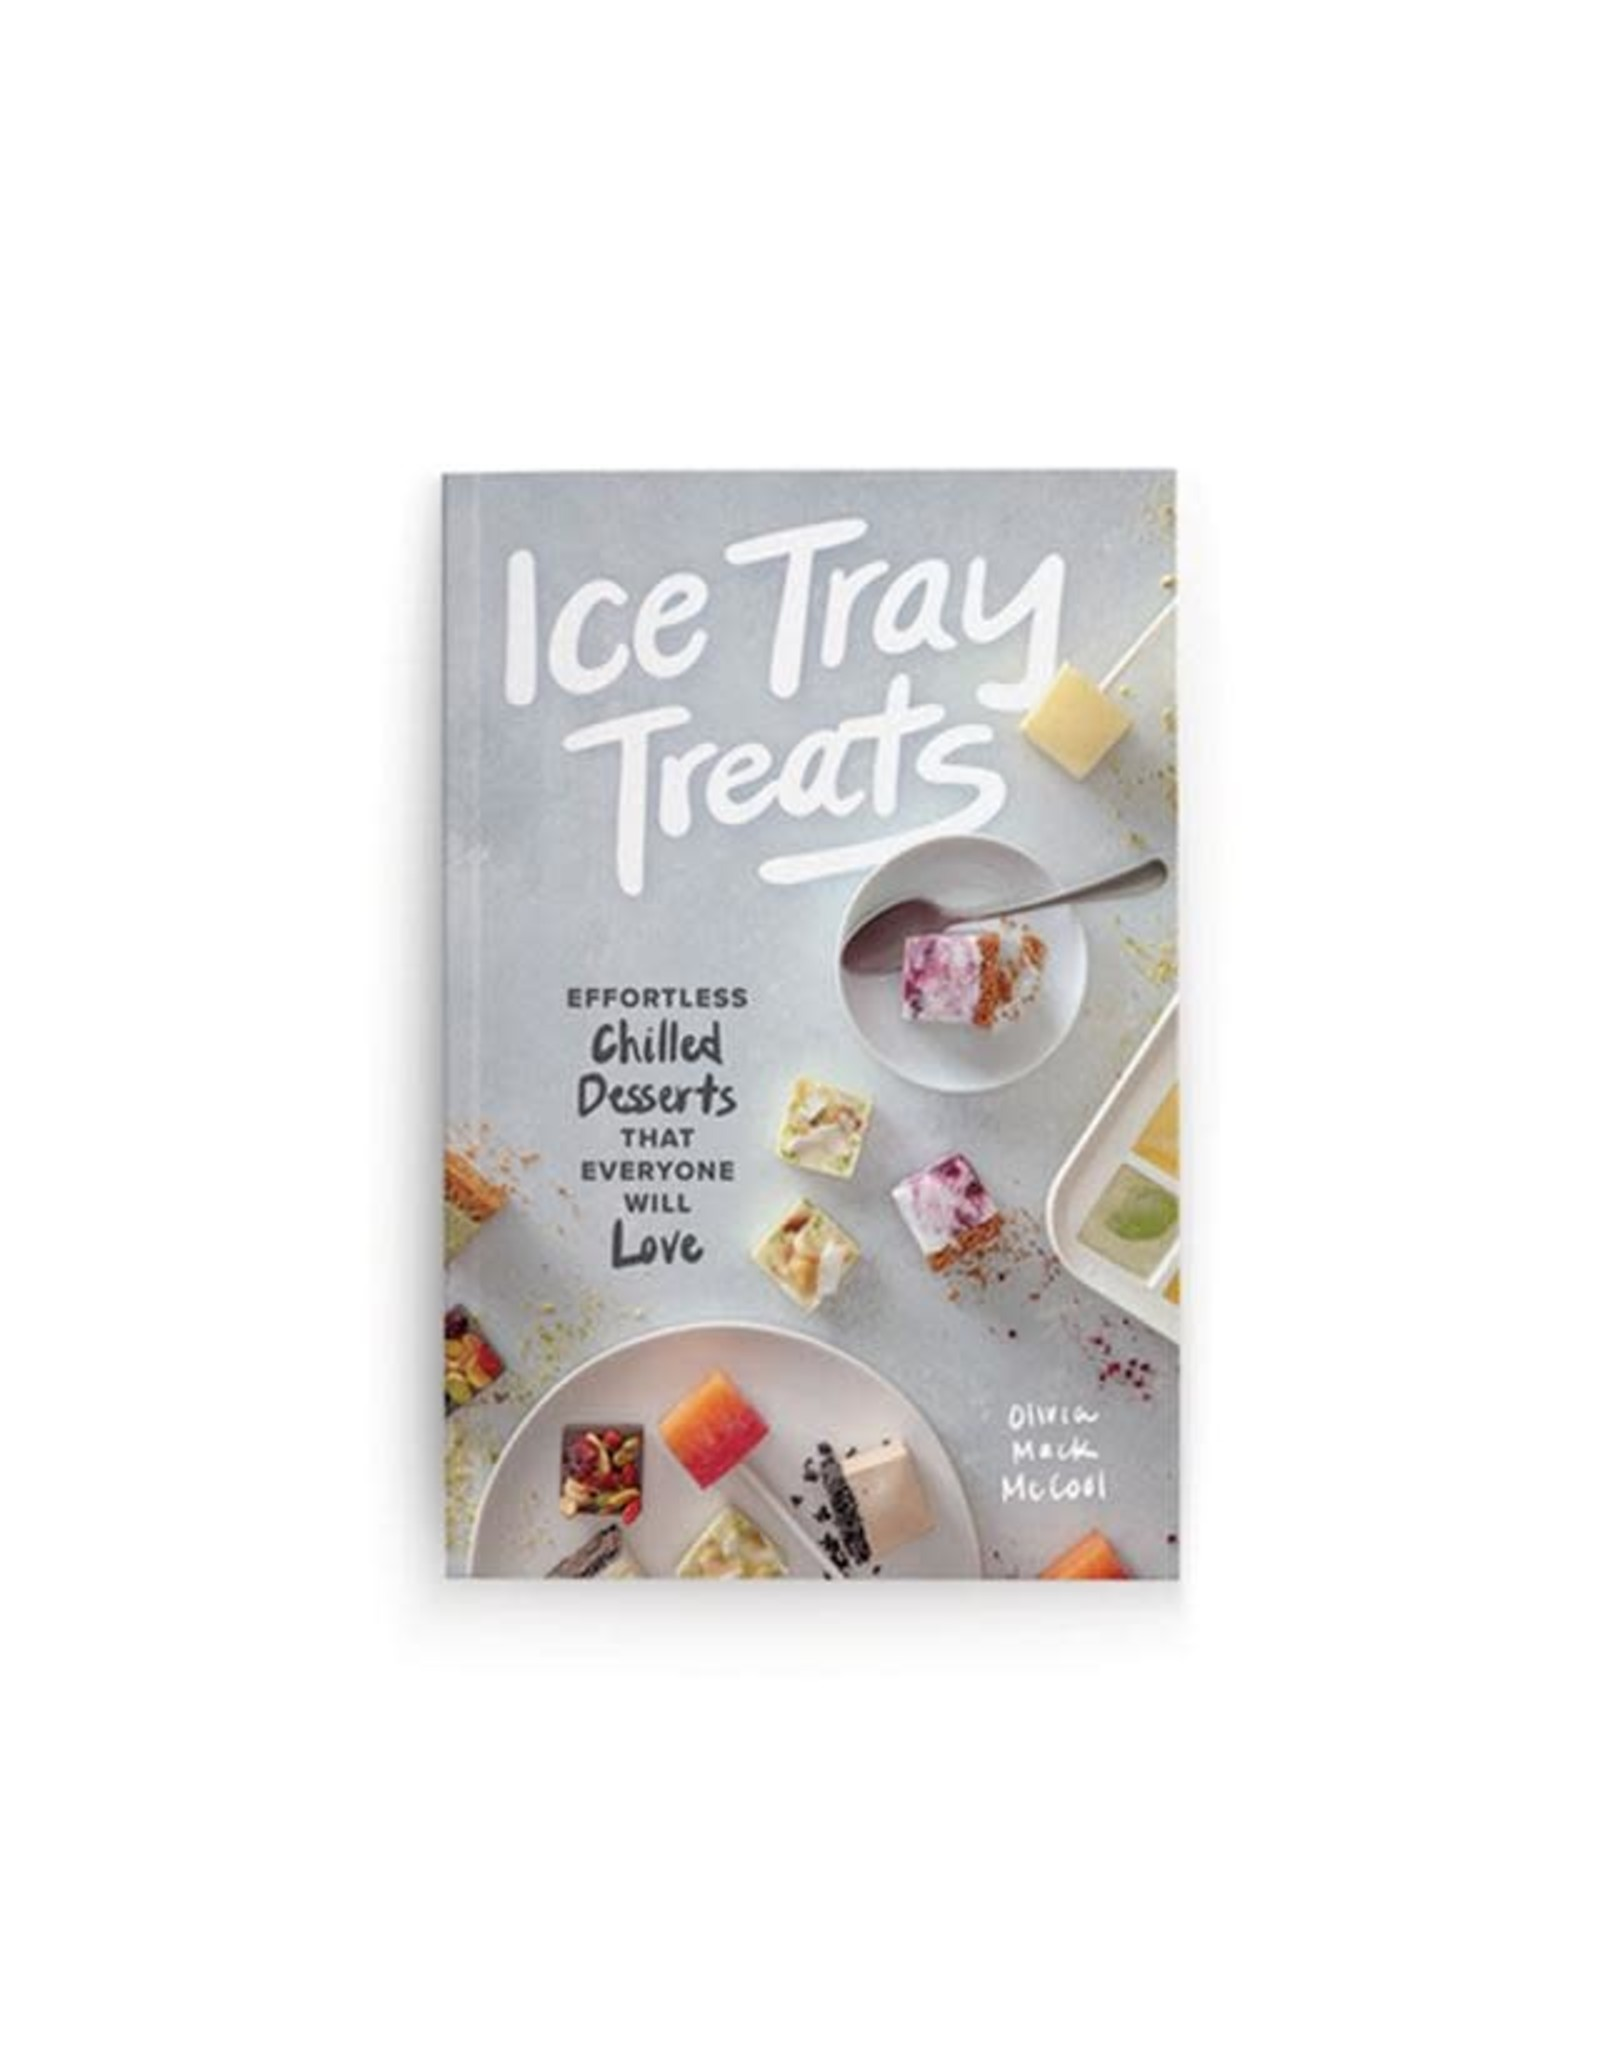 Ice Tray Treats